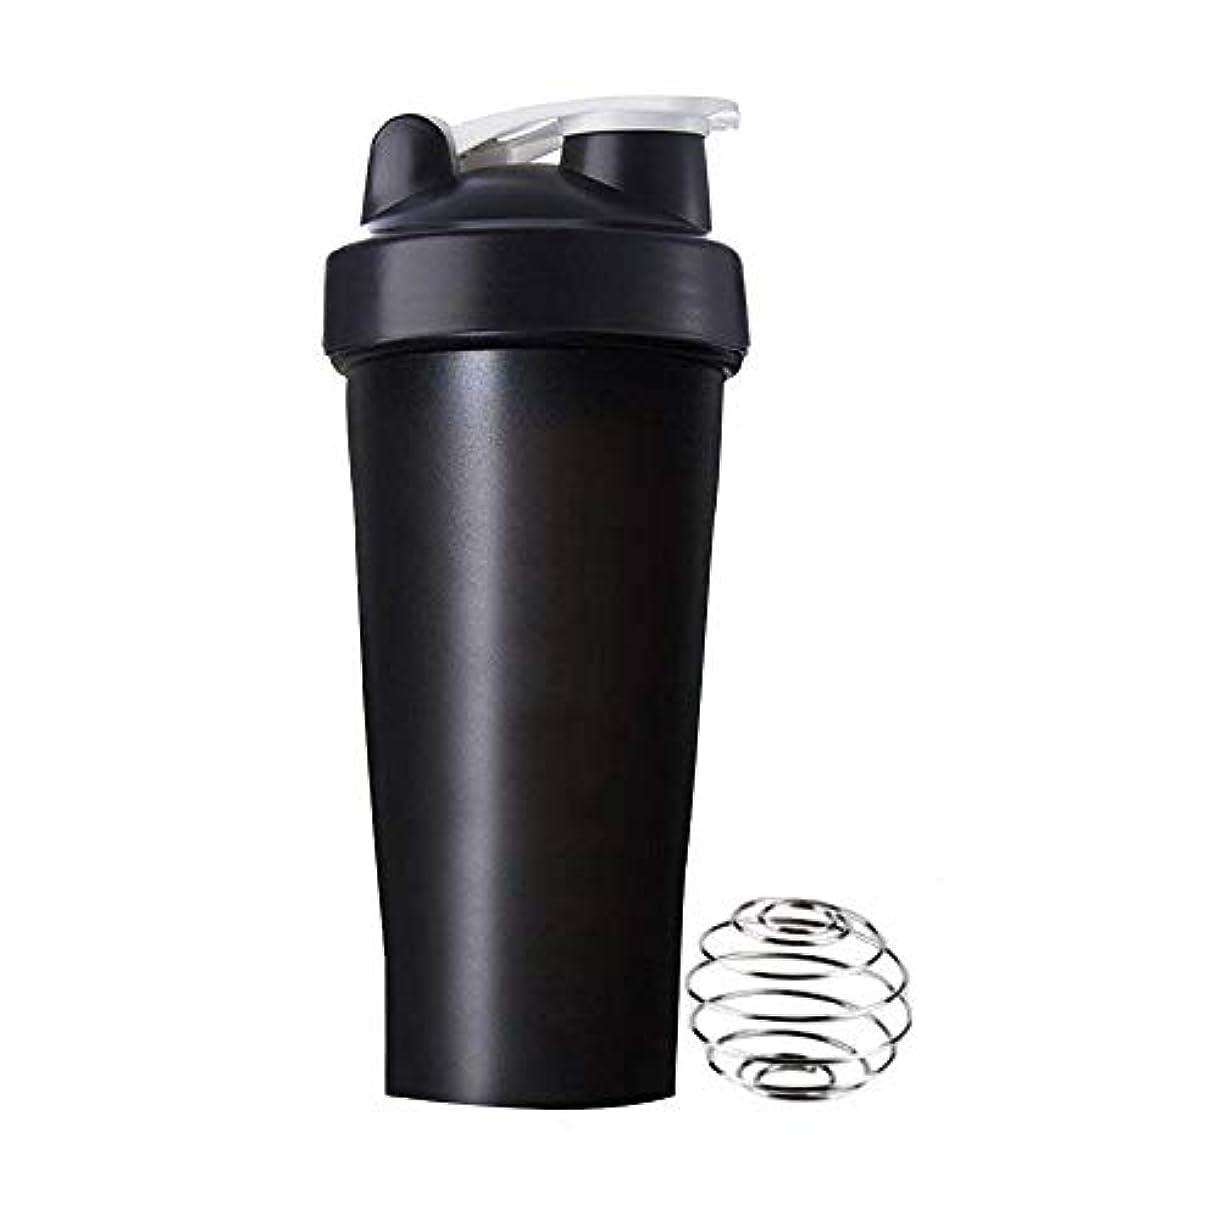 のスコア礼儀フライトSimg プロテインシェイカー 直飲み プラスチックウォーターボトル ジム シェーカーボトル 600ml